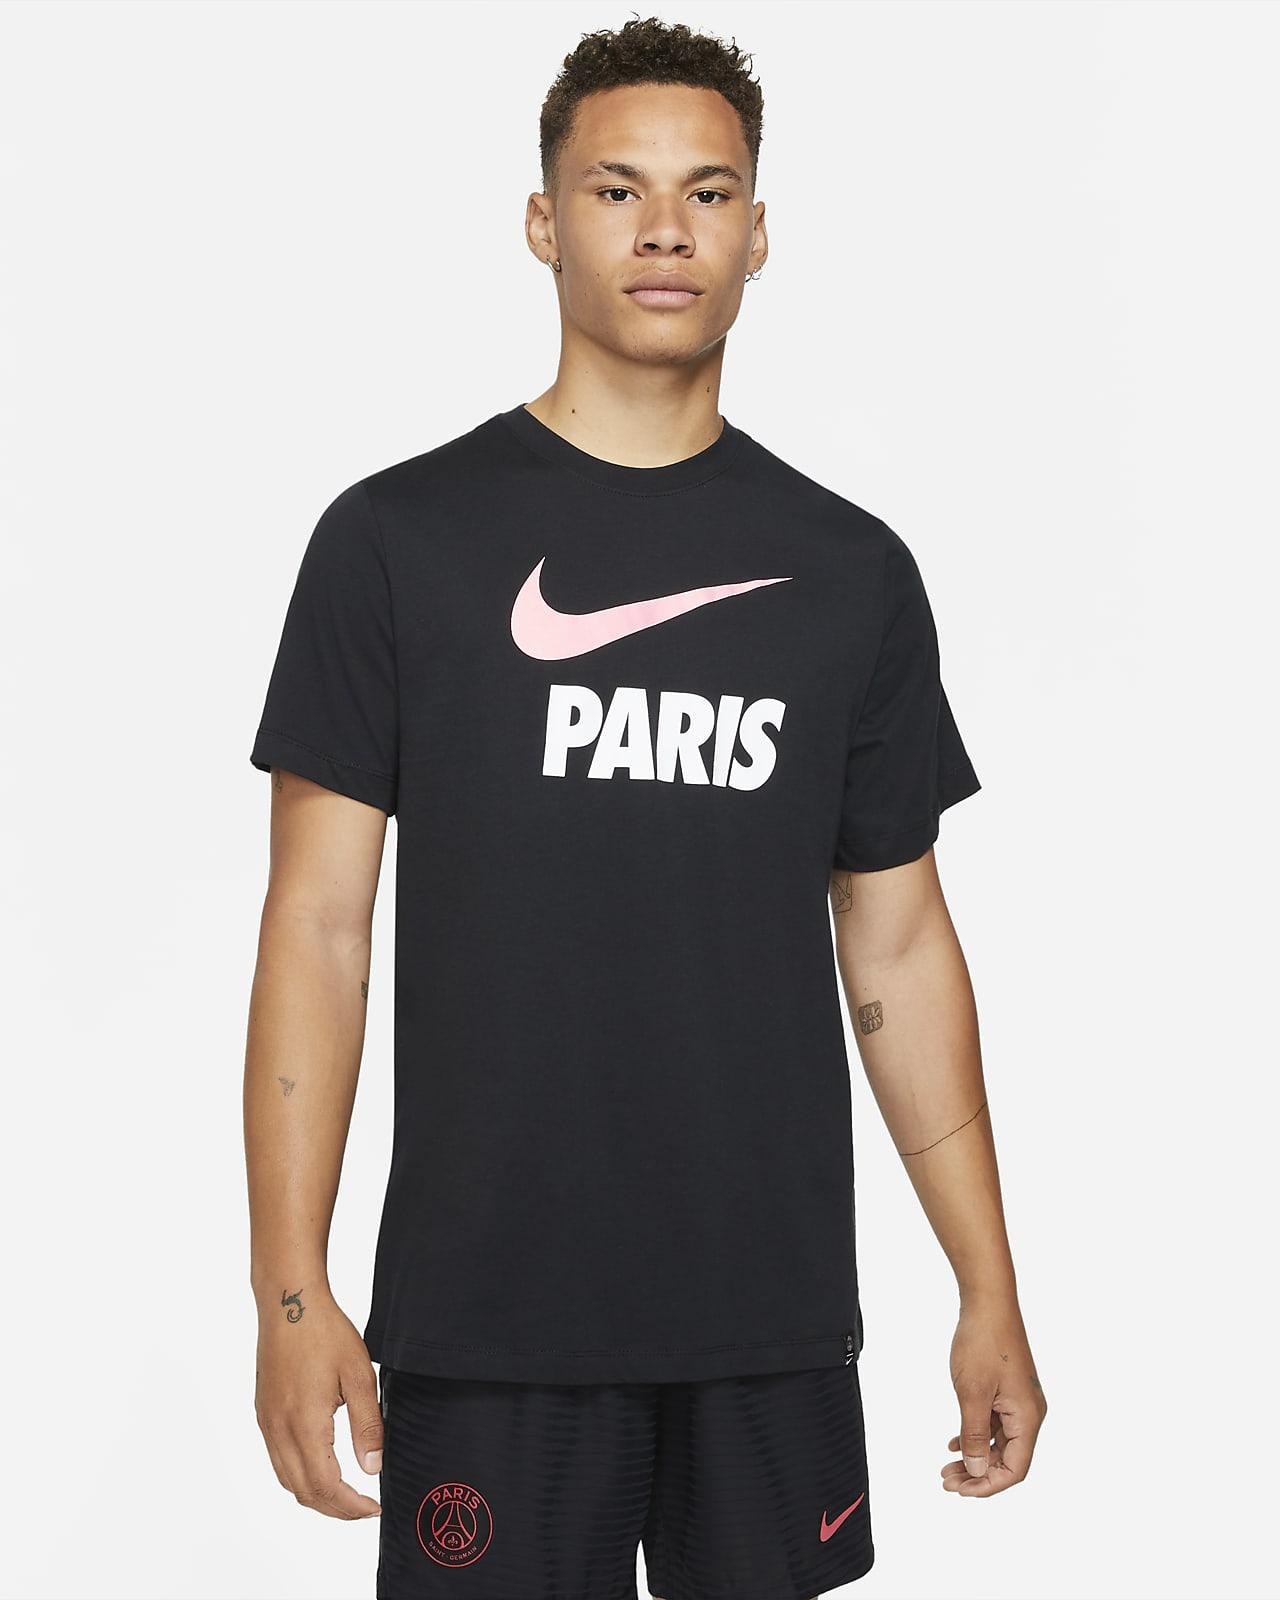 パリ サンジェルマン メンズ サッカー Tシャツ